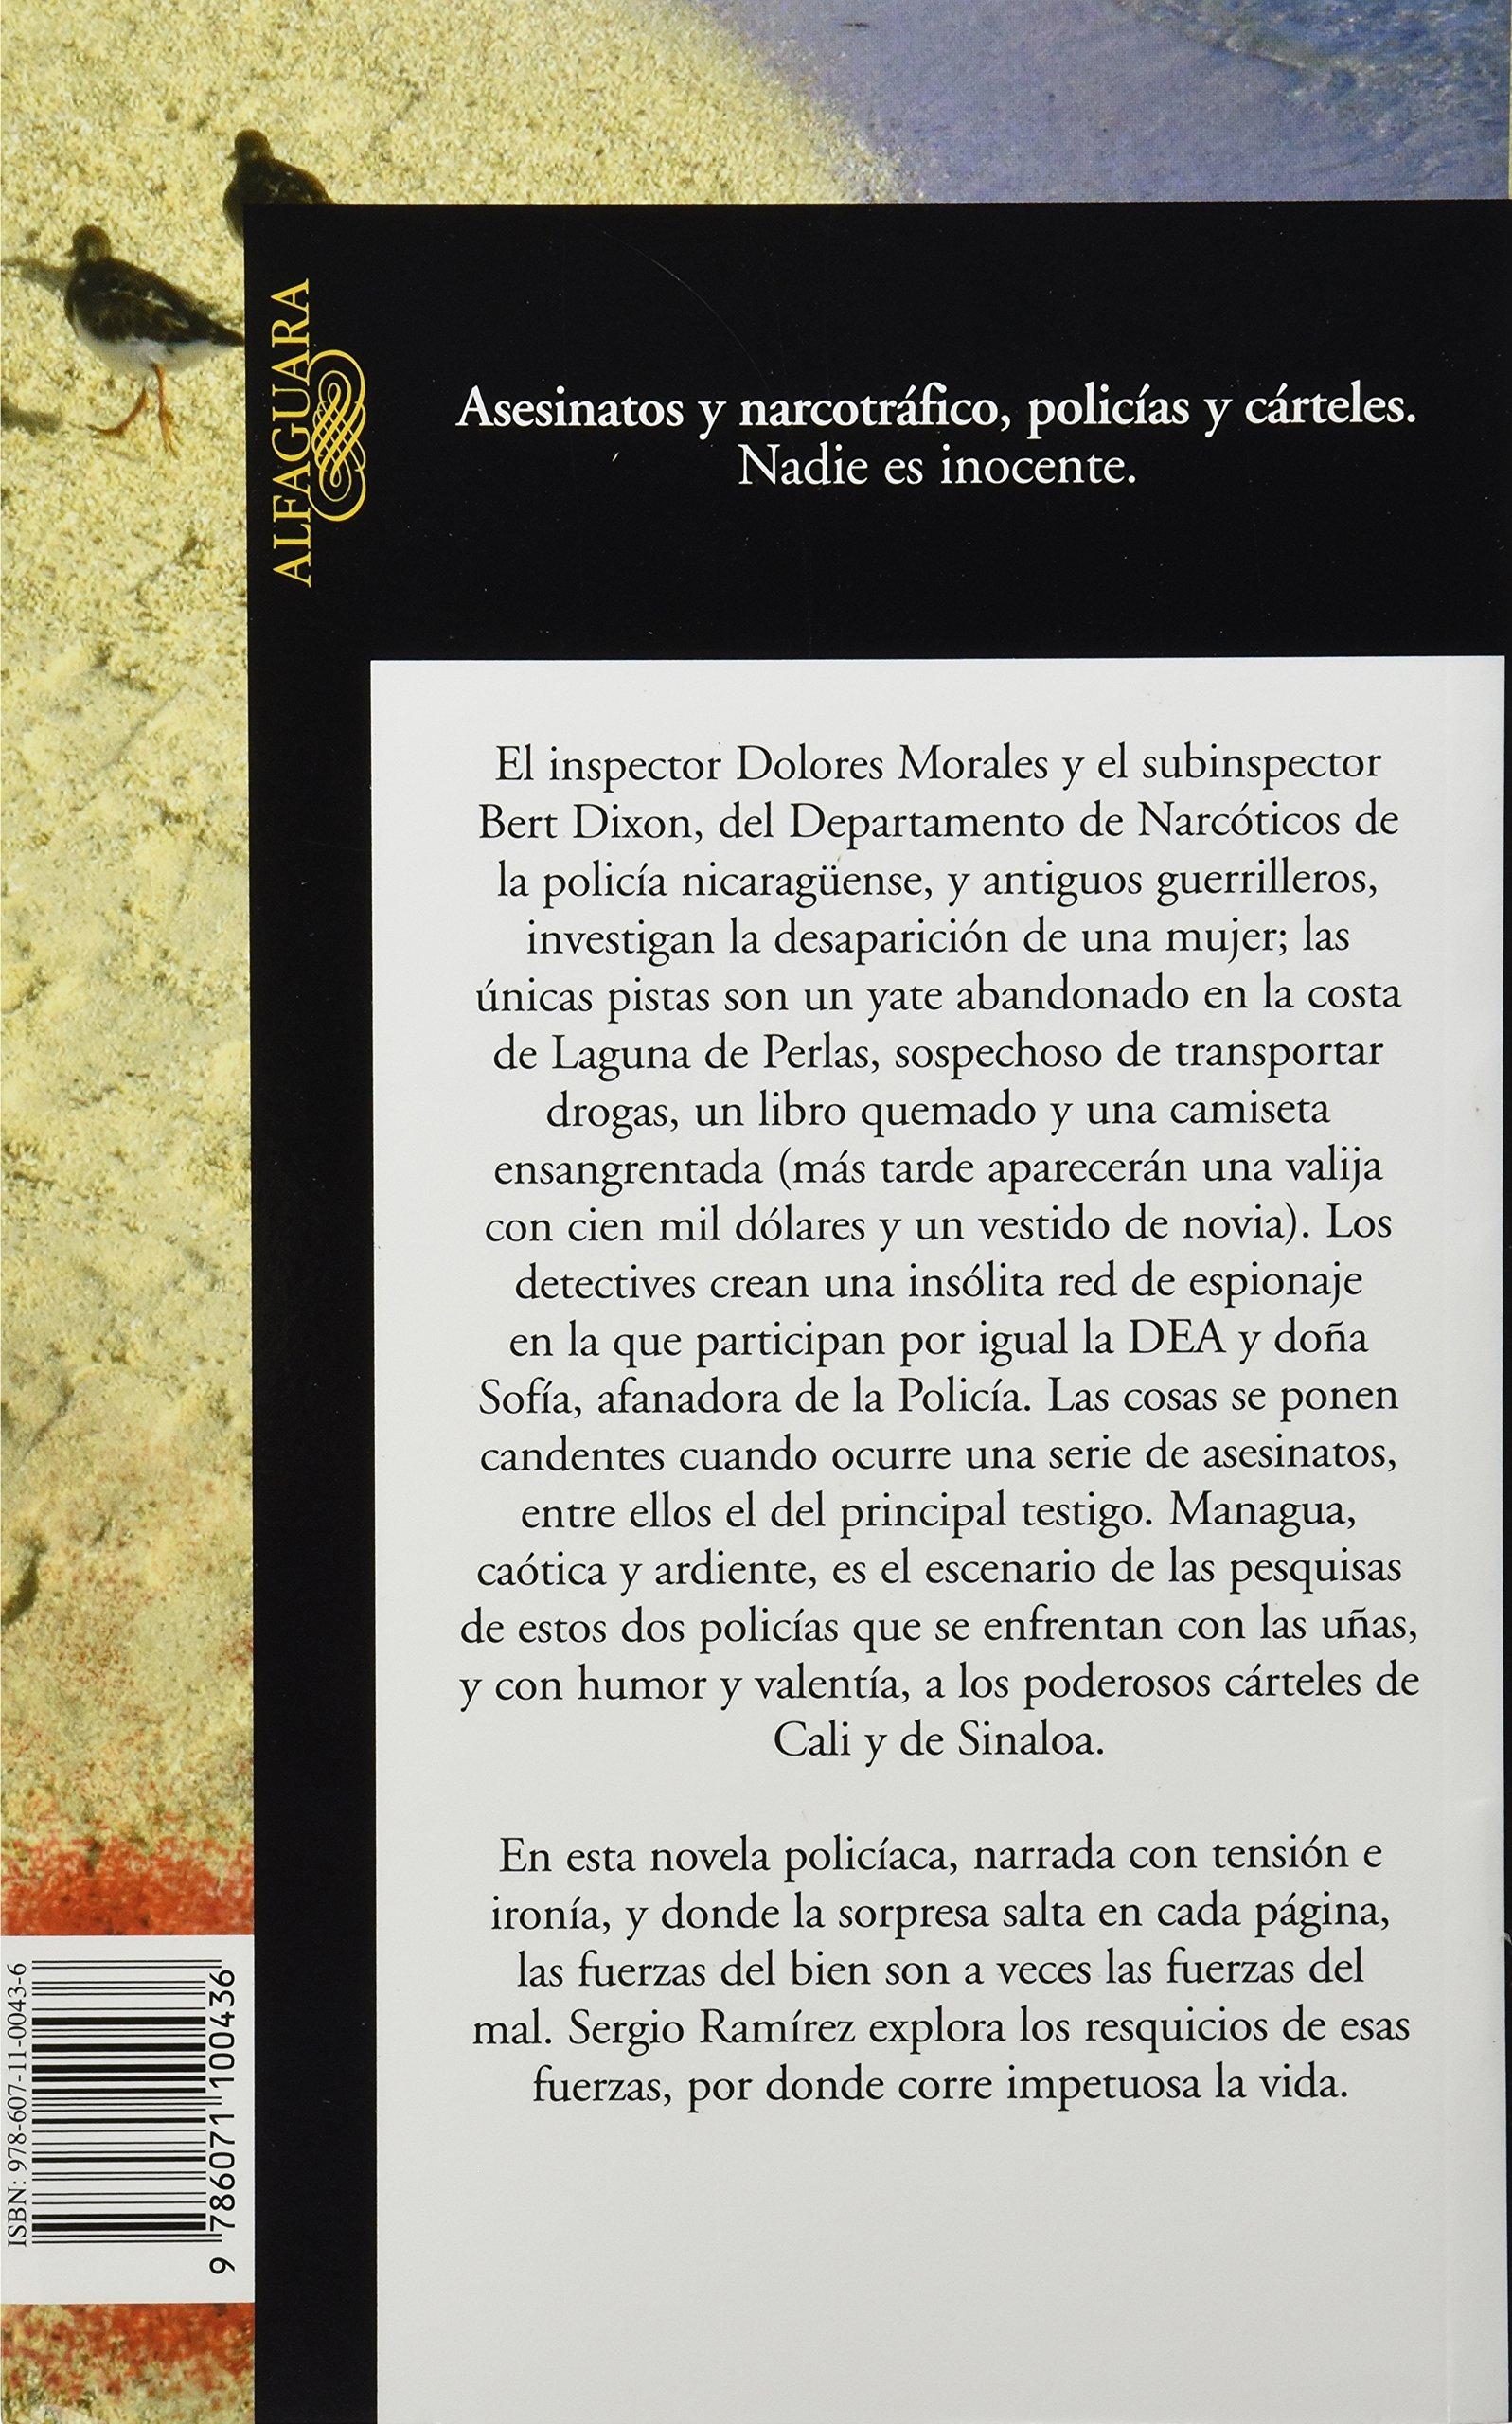 Amazon.com: El cielo llora por mí (Spanish Edition) (9786071100436): Sergio Ramirez: Books